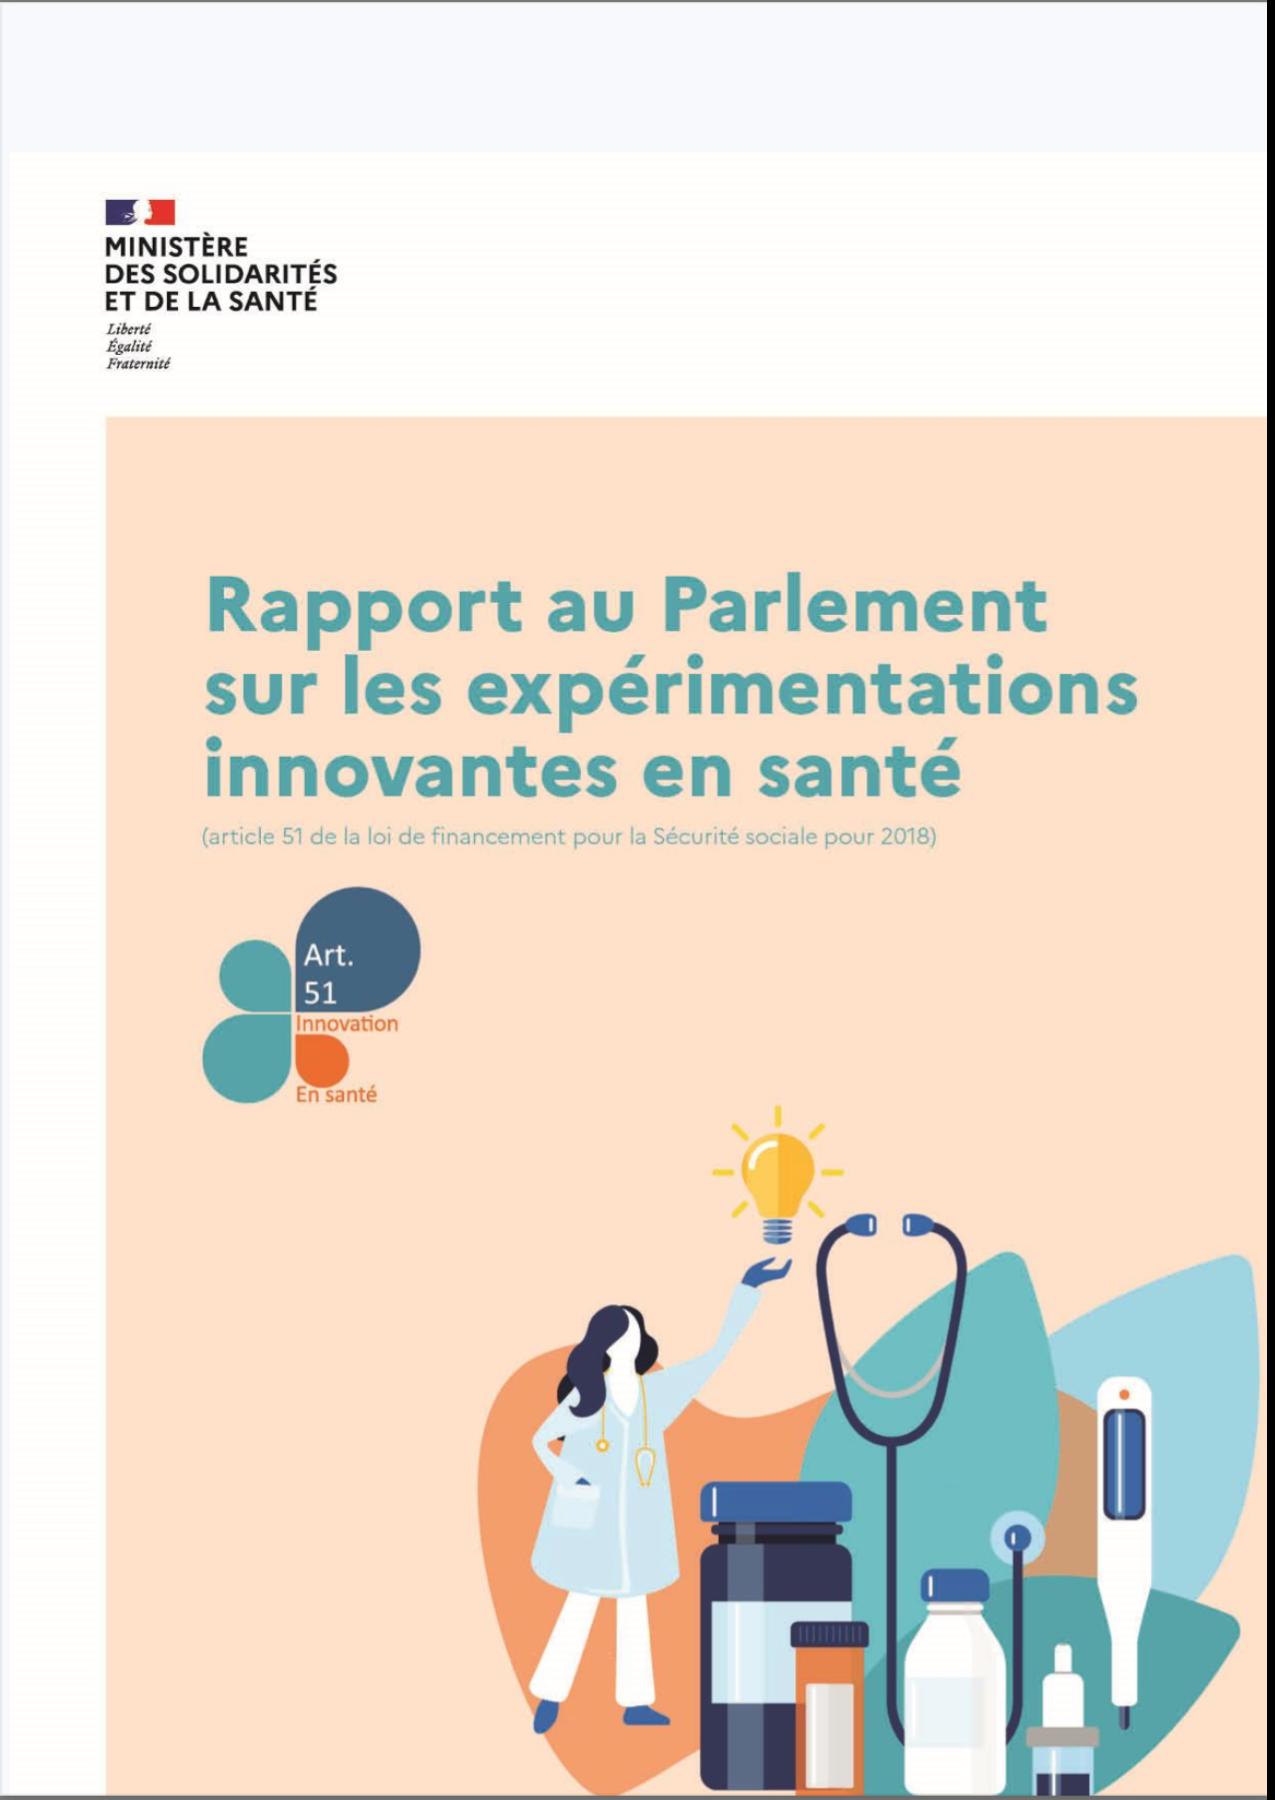 Rapport au parlement sur les expérimentations innovantes en santé